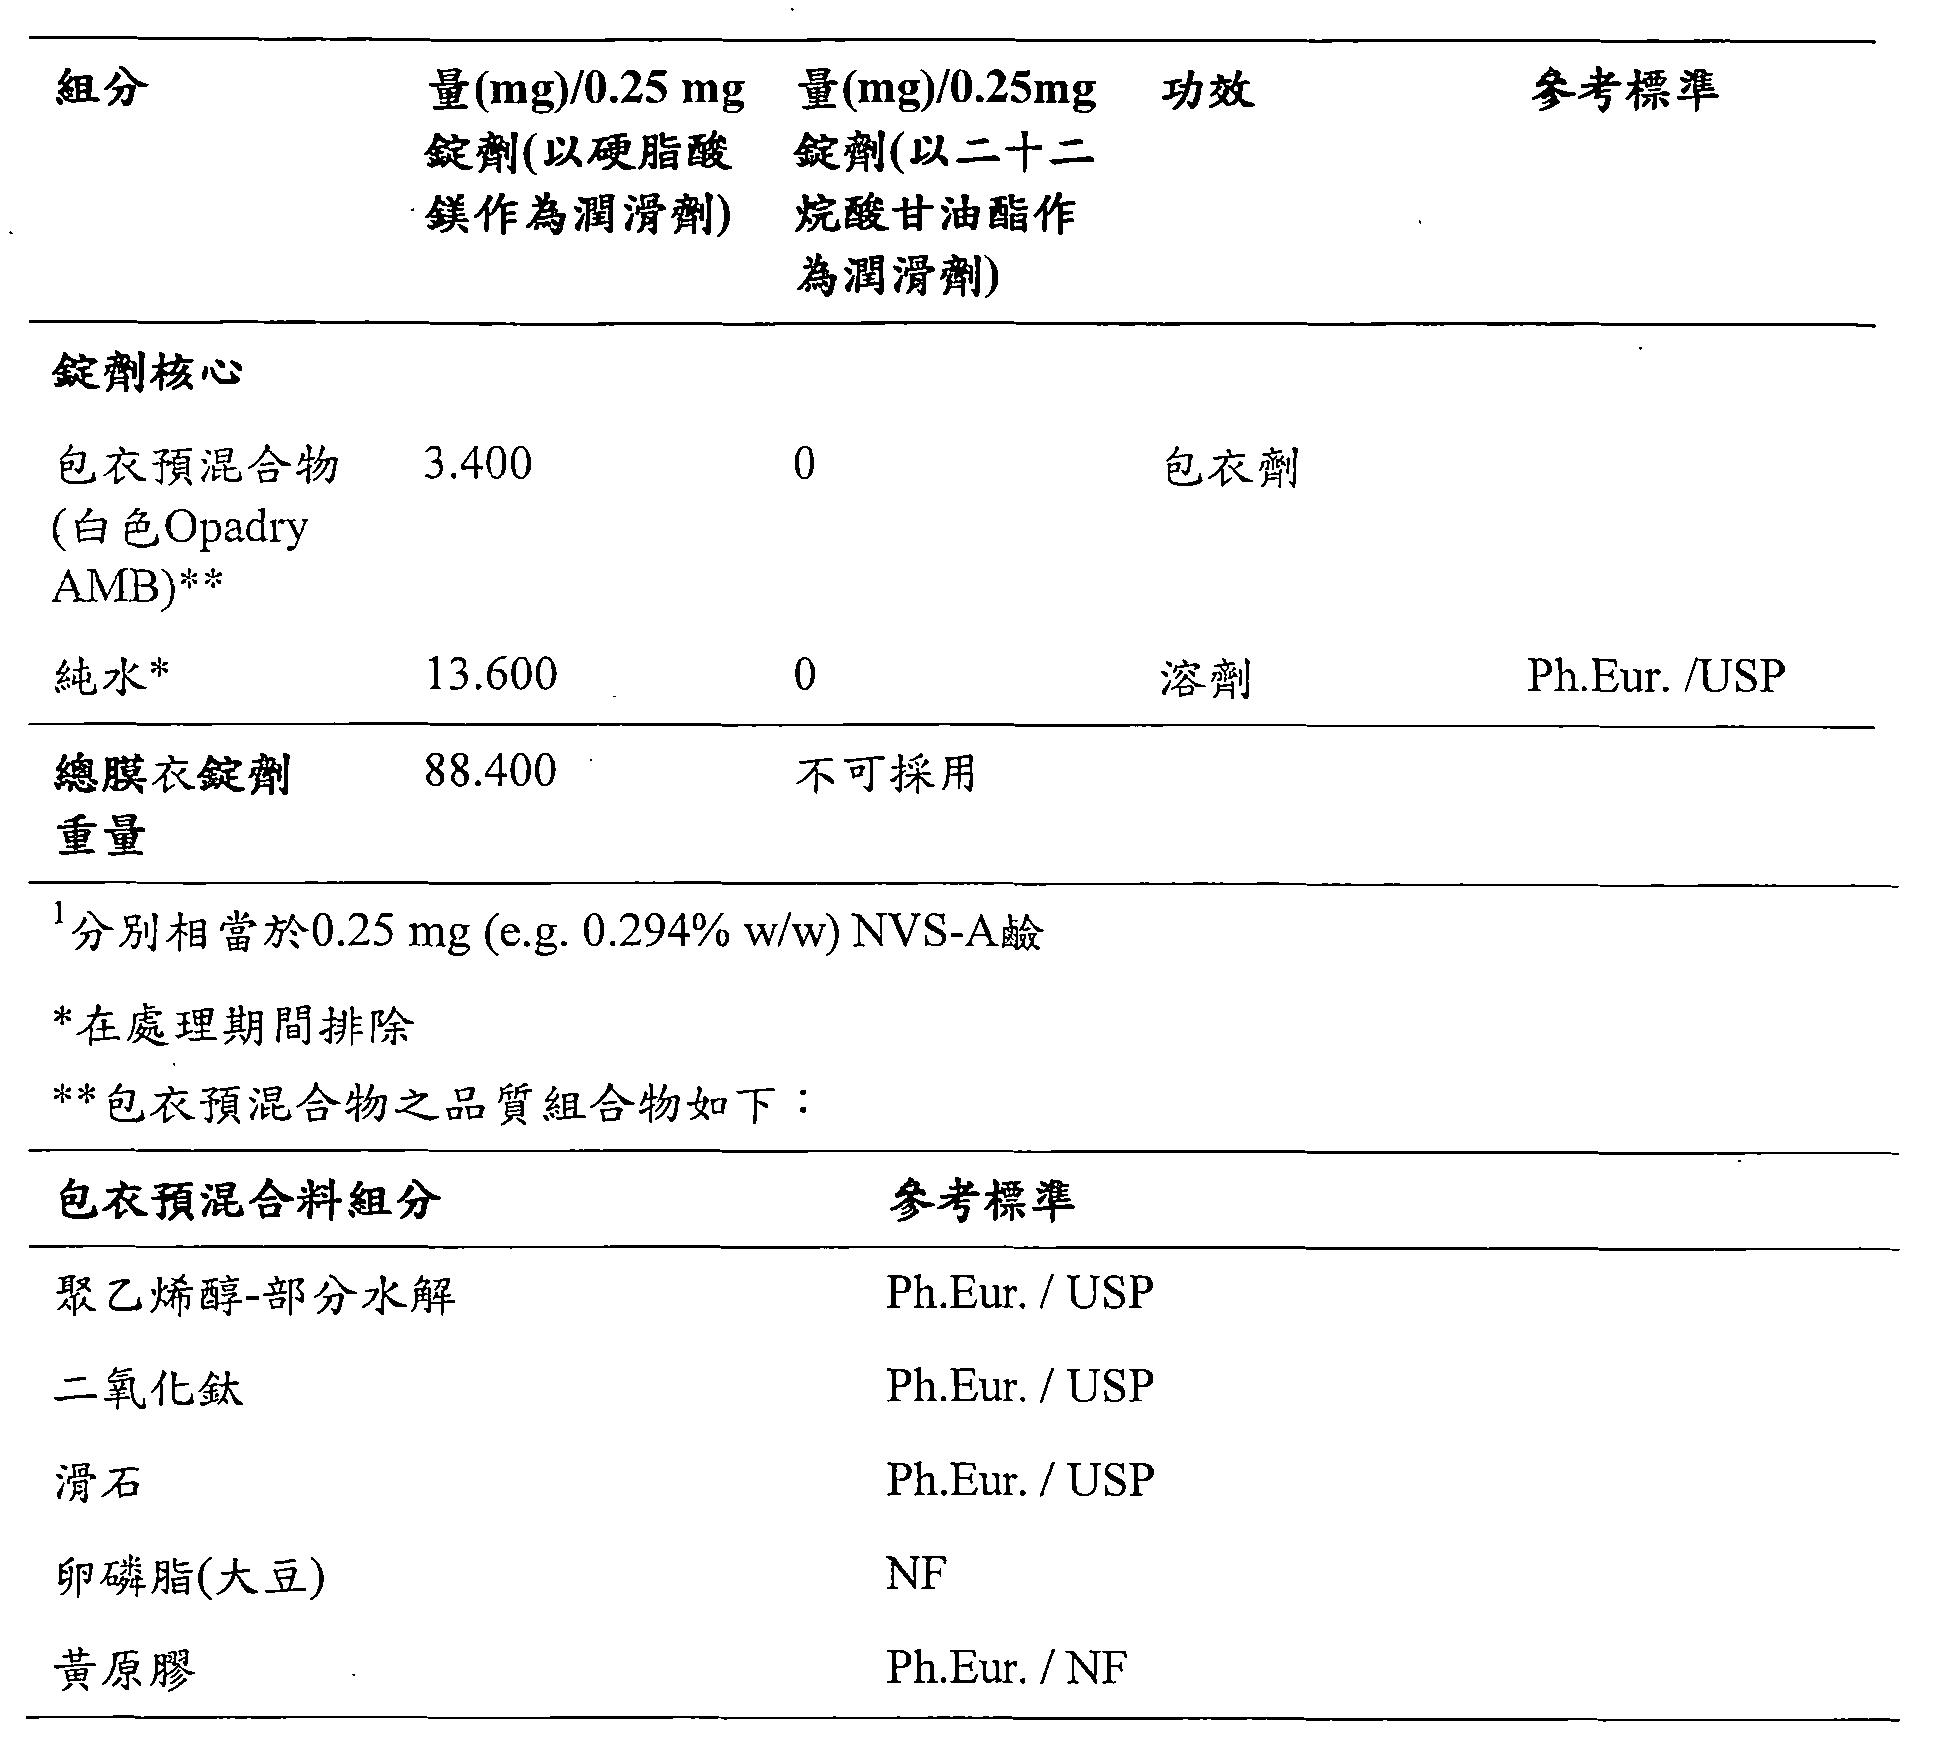 Figure TWI610672BD00015